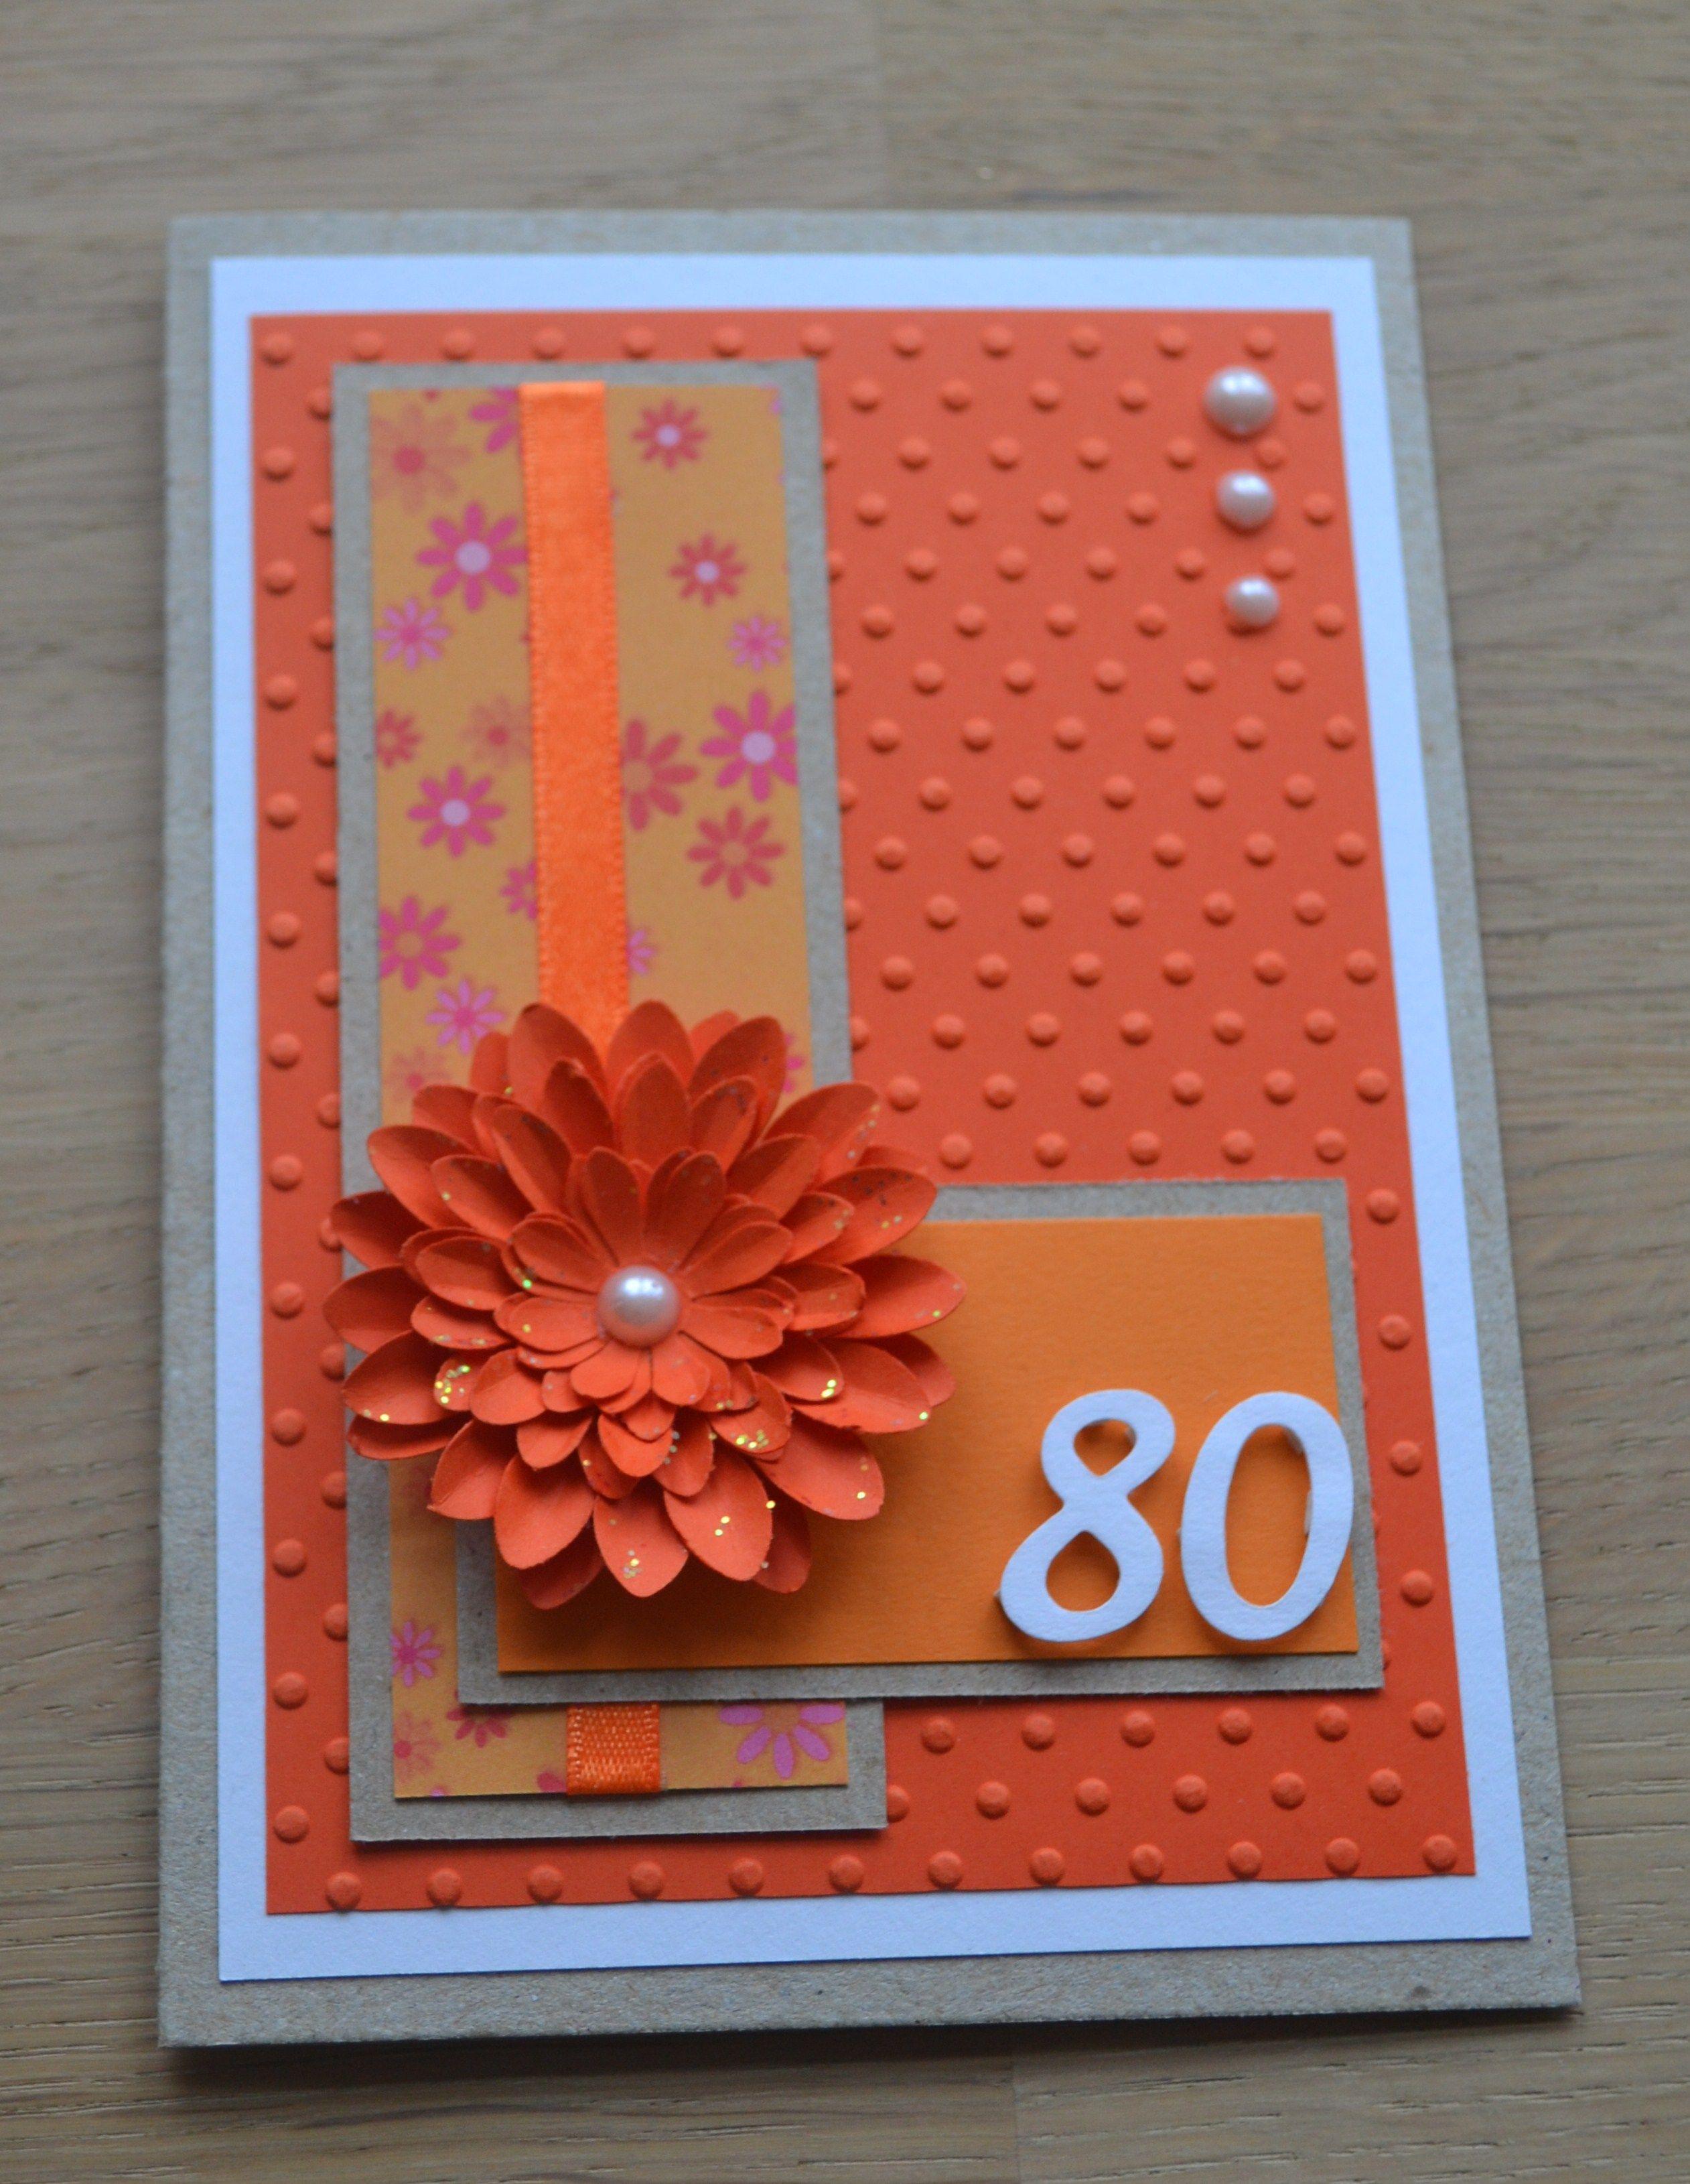 80th Birthday Card W Flower 80th Birthday Cards Flower Birthday Cards Birthday Cards